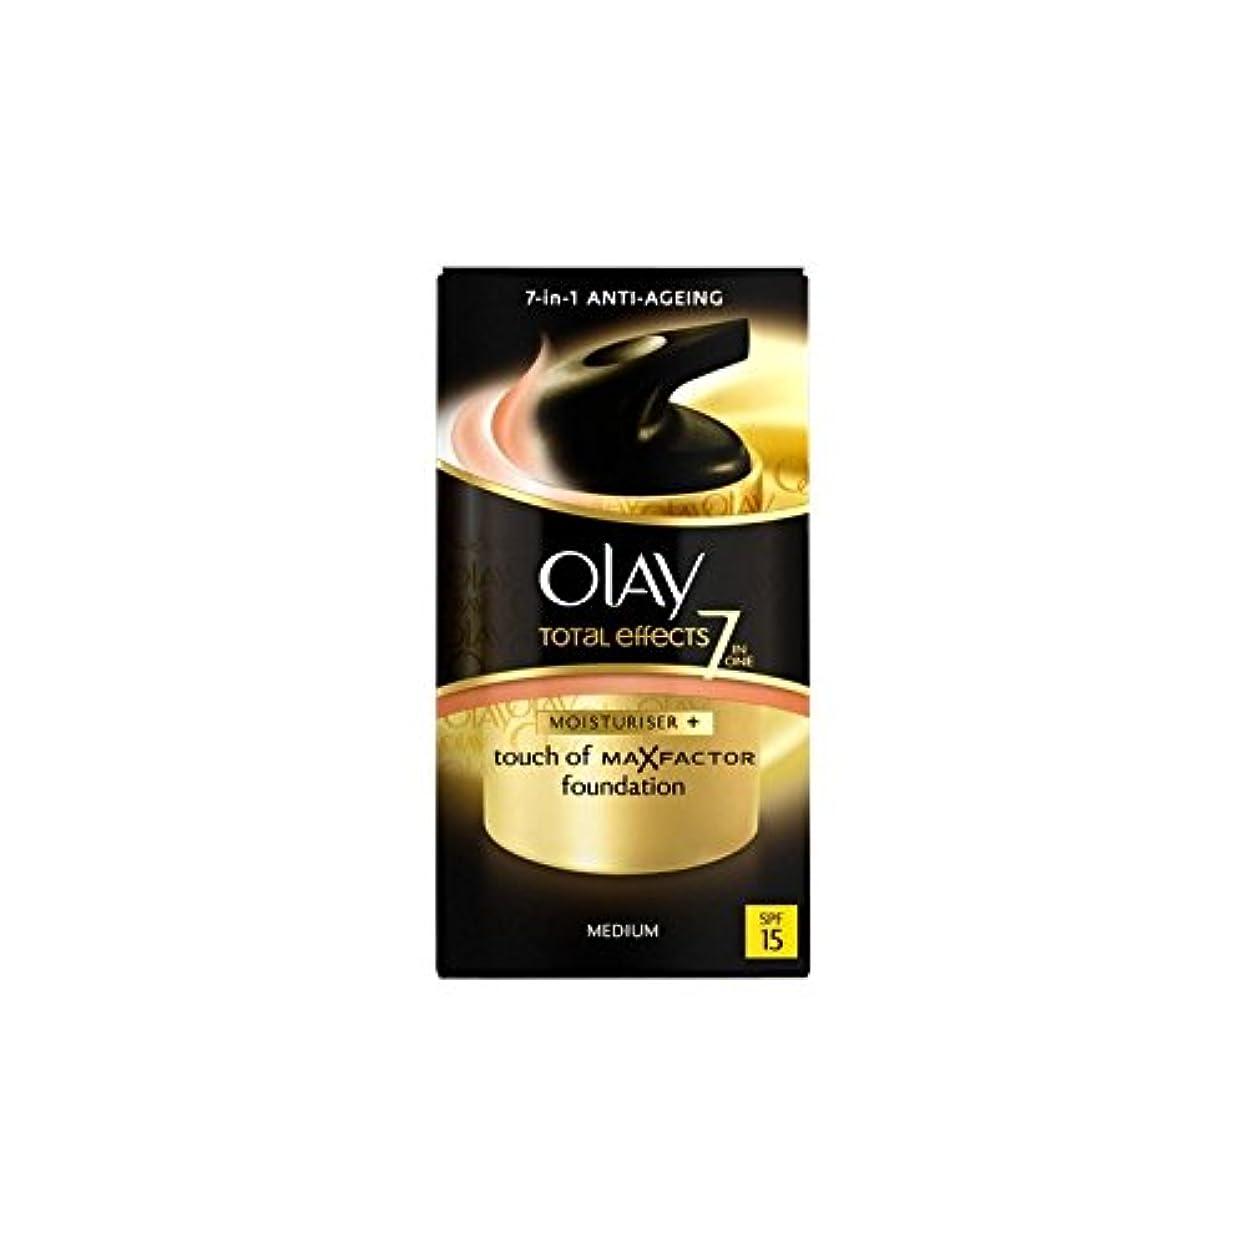 珍しい揺れる狂ったオーレイトータルエフェクト保湿クリーム15 - 培地(50ミリリットル) x2 - Olay Total Effects Moisturiser Bb Cream Spf15 - Medium (50ml) (Pack...